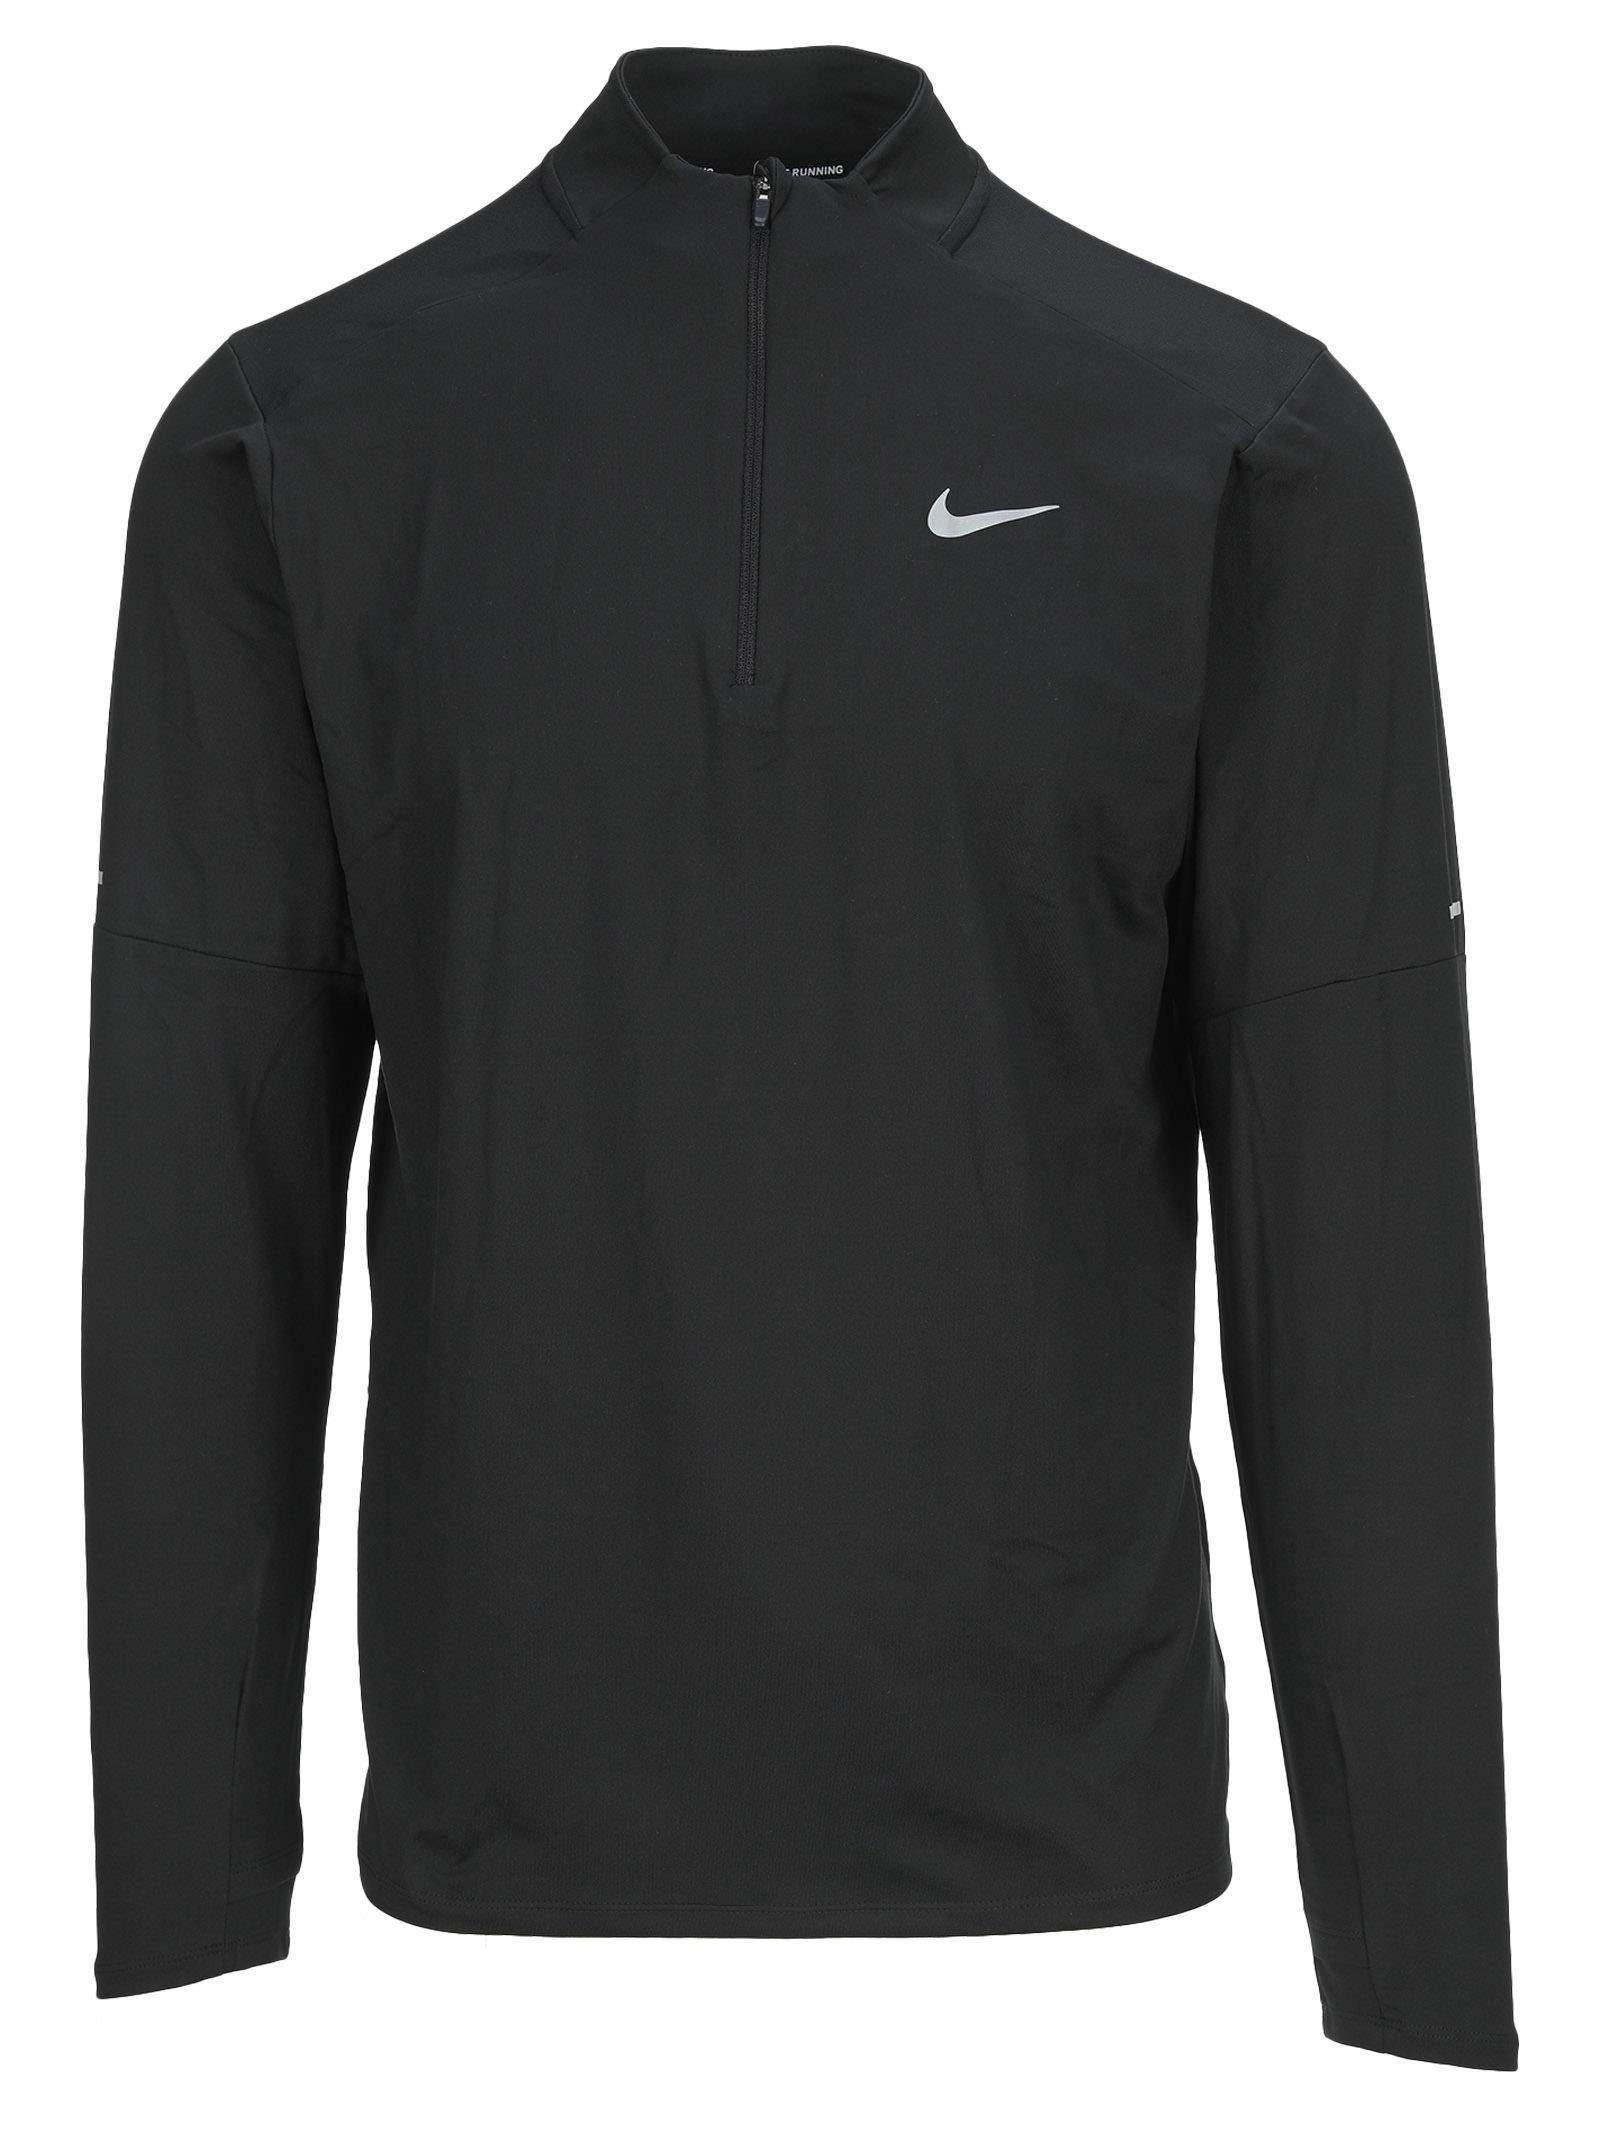 Nike . In Black